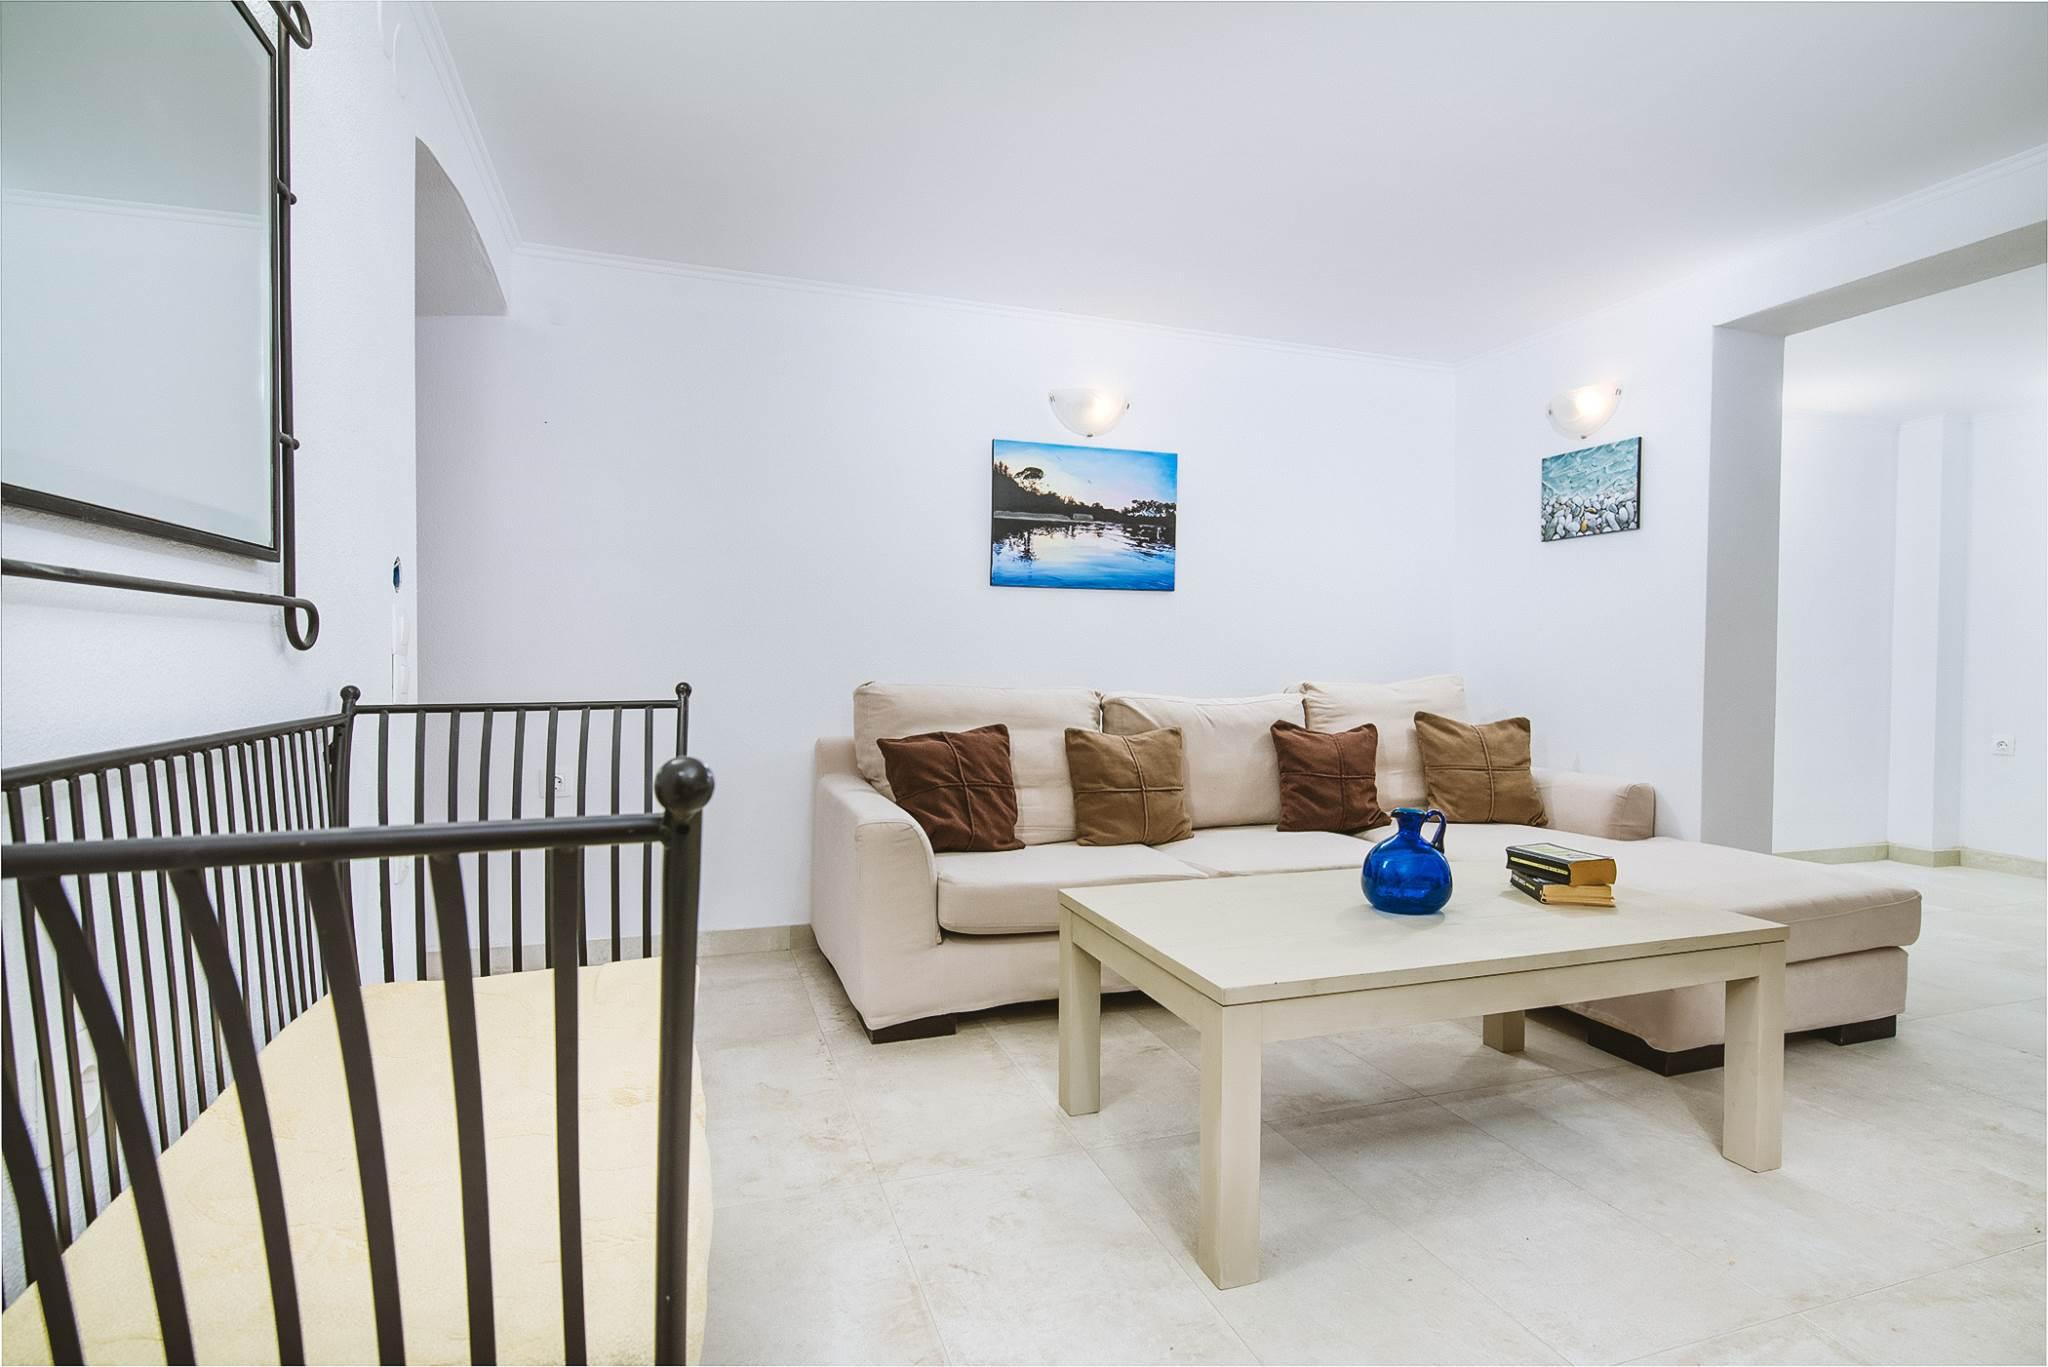 Rena apartment